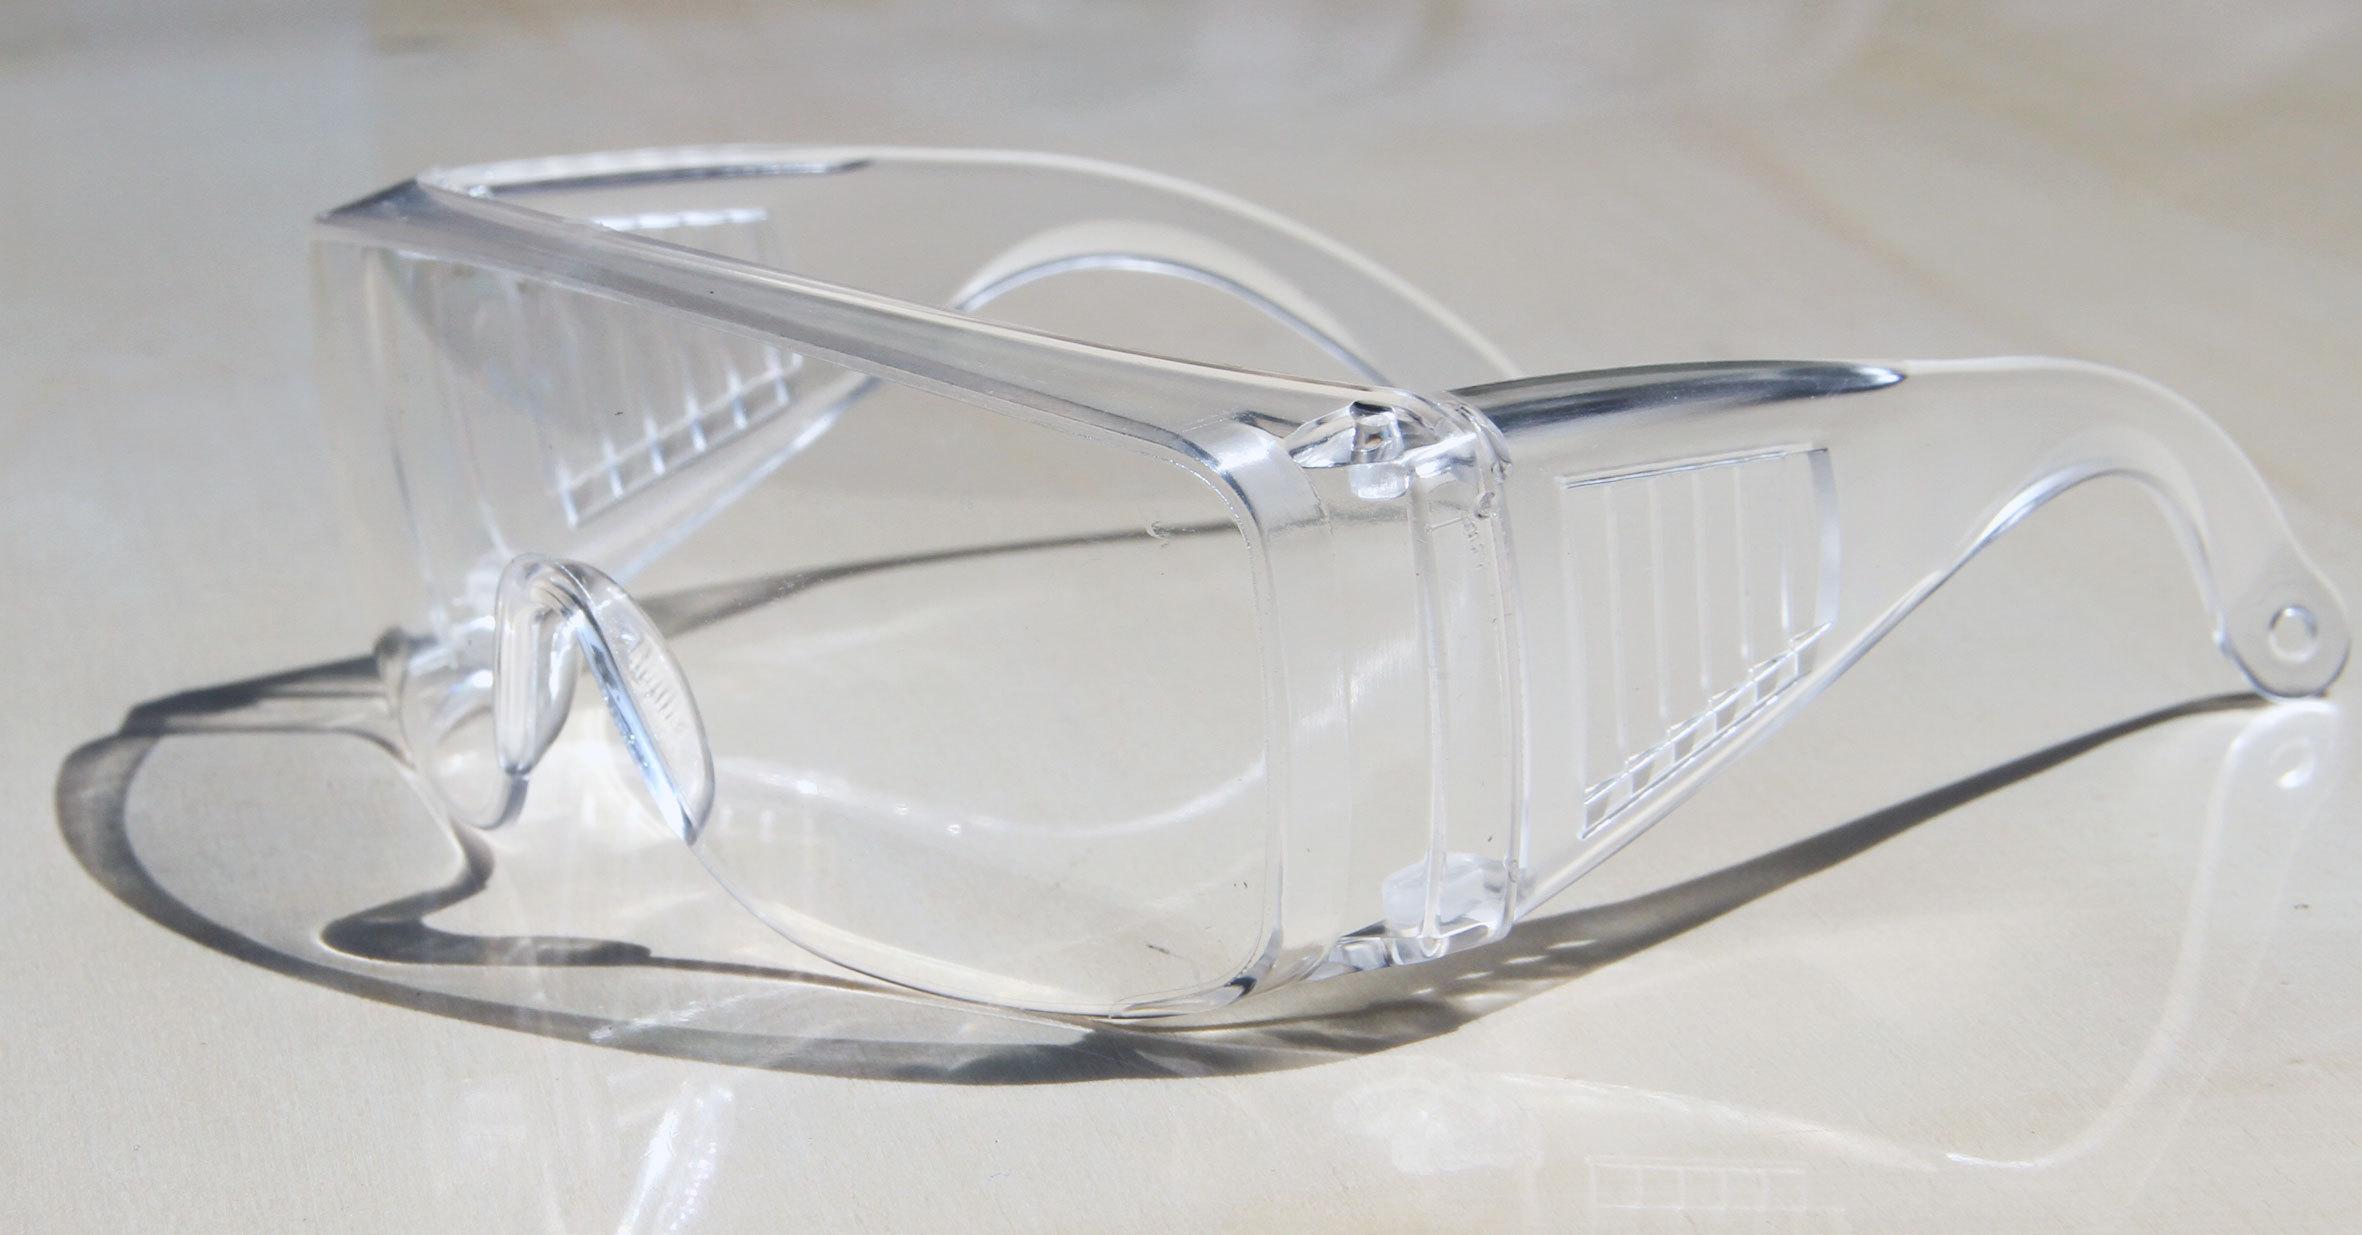 Очки от ветра и пыли Защитные очки защитные очки полностью прозрачные дышащий закрытые глаза оргстекло ветра зеркало ставни